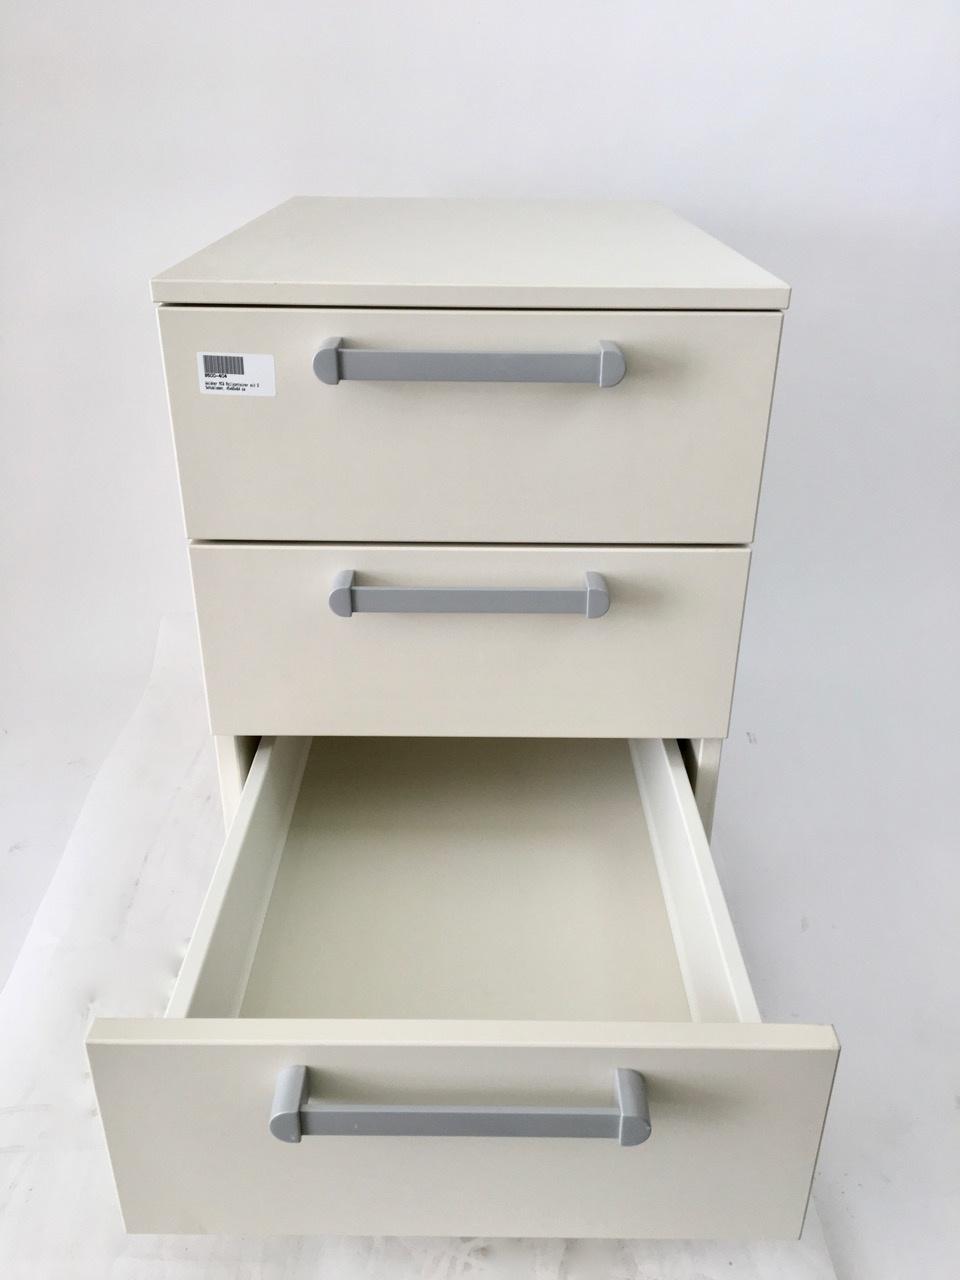 Waldner Waldner MC6 Rollschrank, 3 Schubladen, 45 cm breit,  64cm hoch